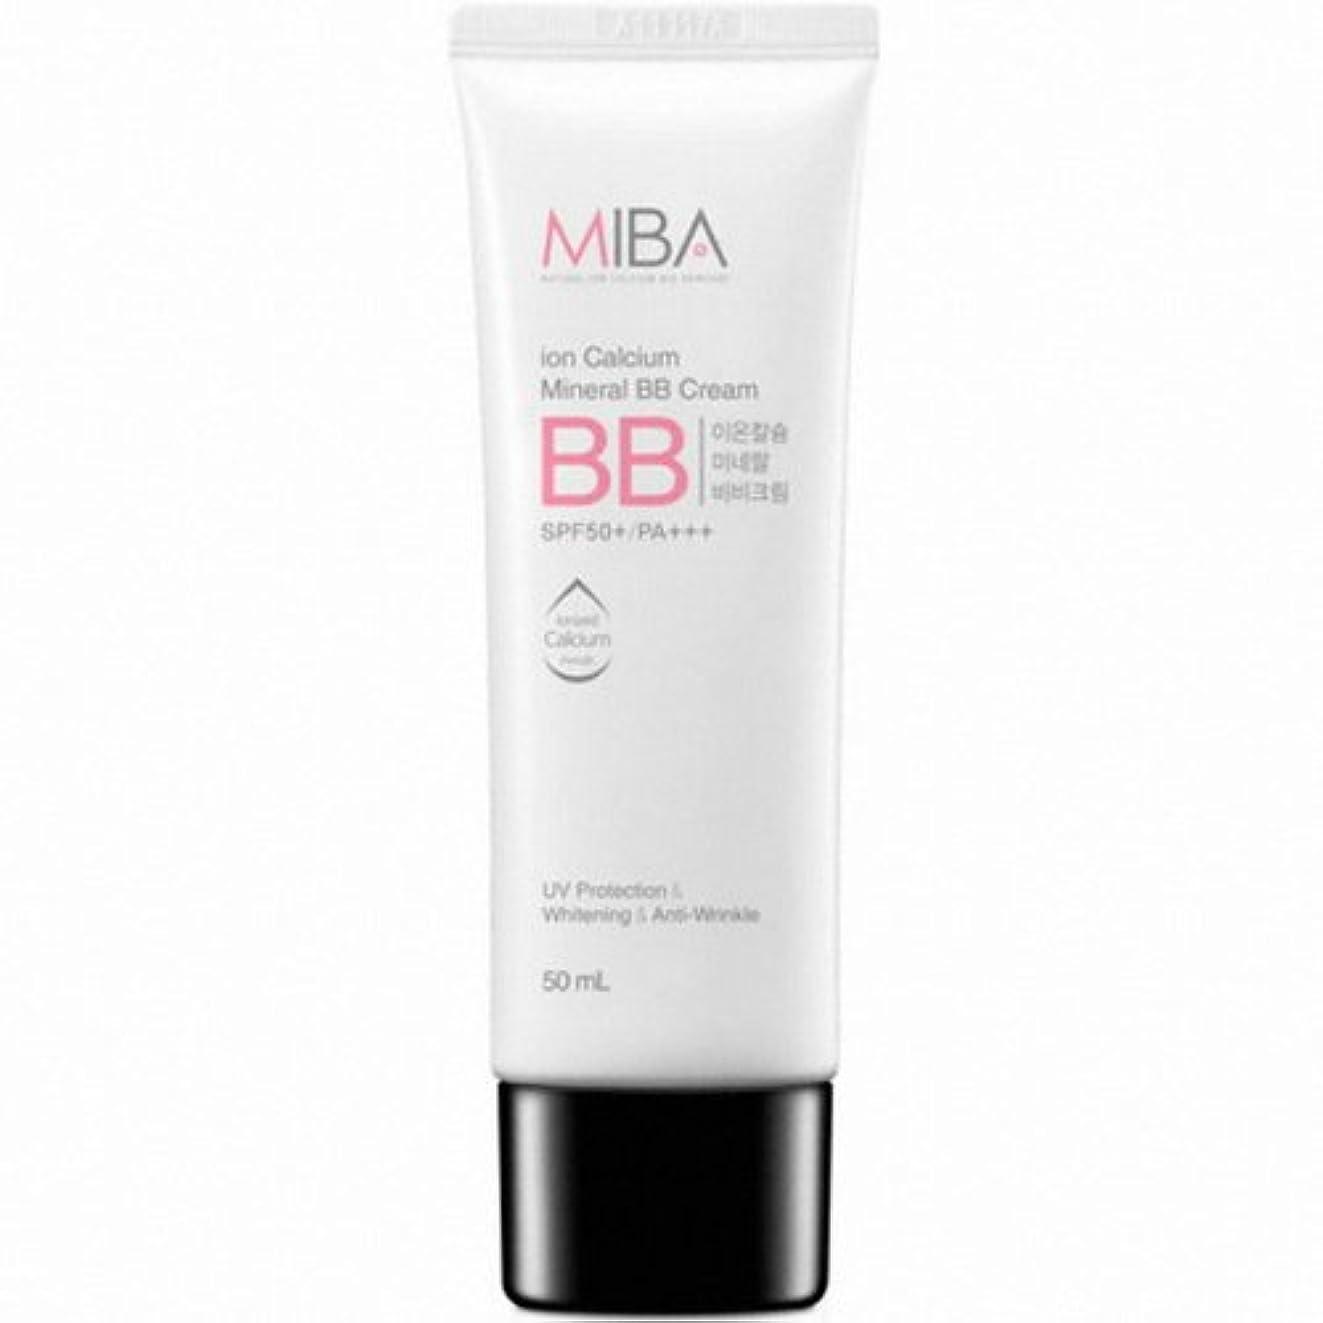 除去魅惑する組み合わせMINERALBIO (ミネラルバイオ) ミバ イオン カルシウム ミネラル ビビクリーム / MIBA Ion Calcium Mineral BB Cream (50ml) [並行輸入品]